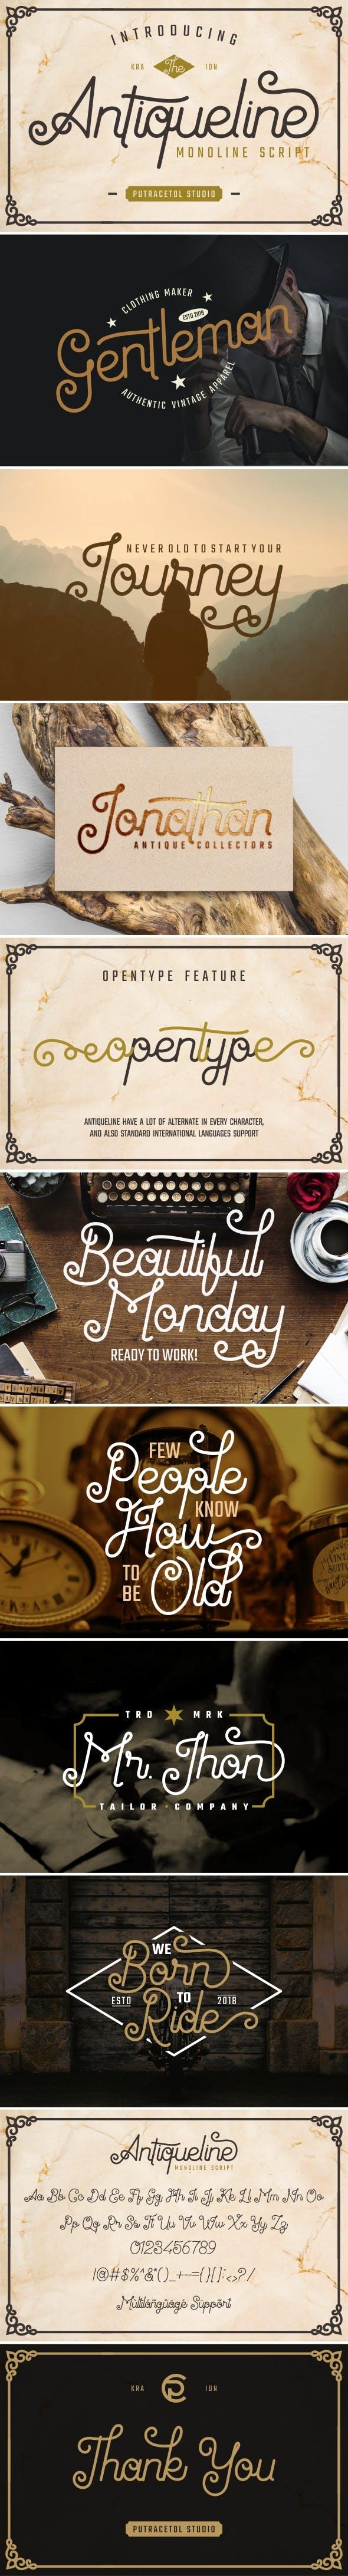 26 Best Fancy Fonts